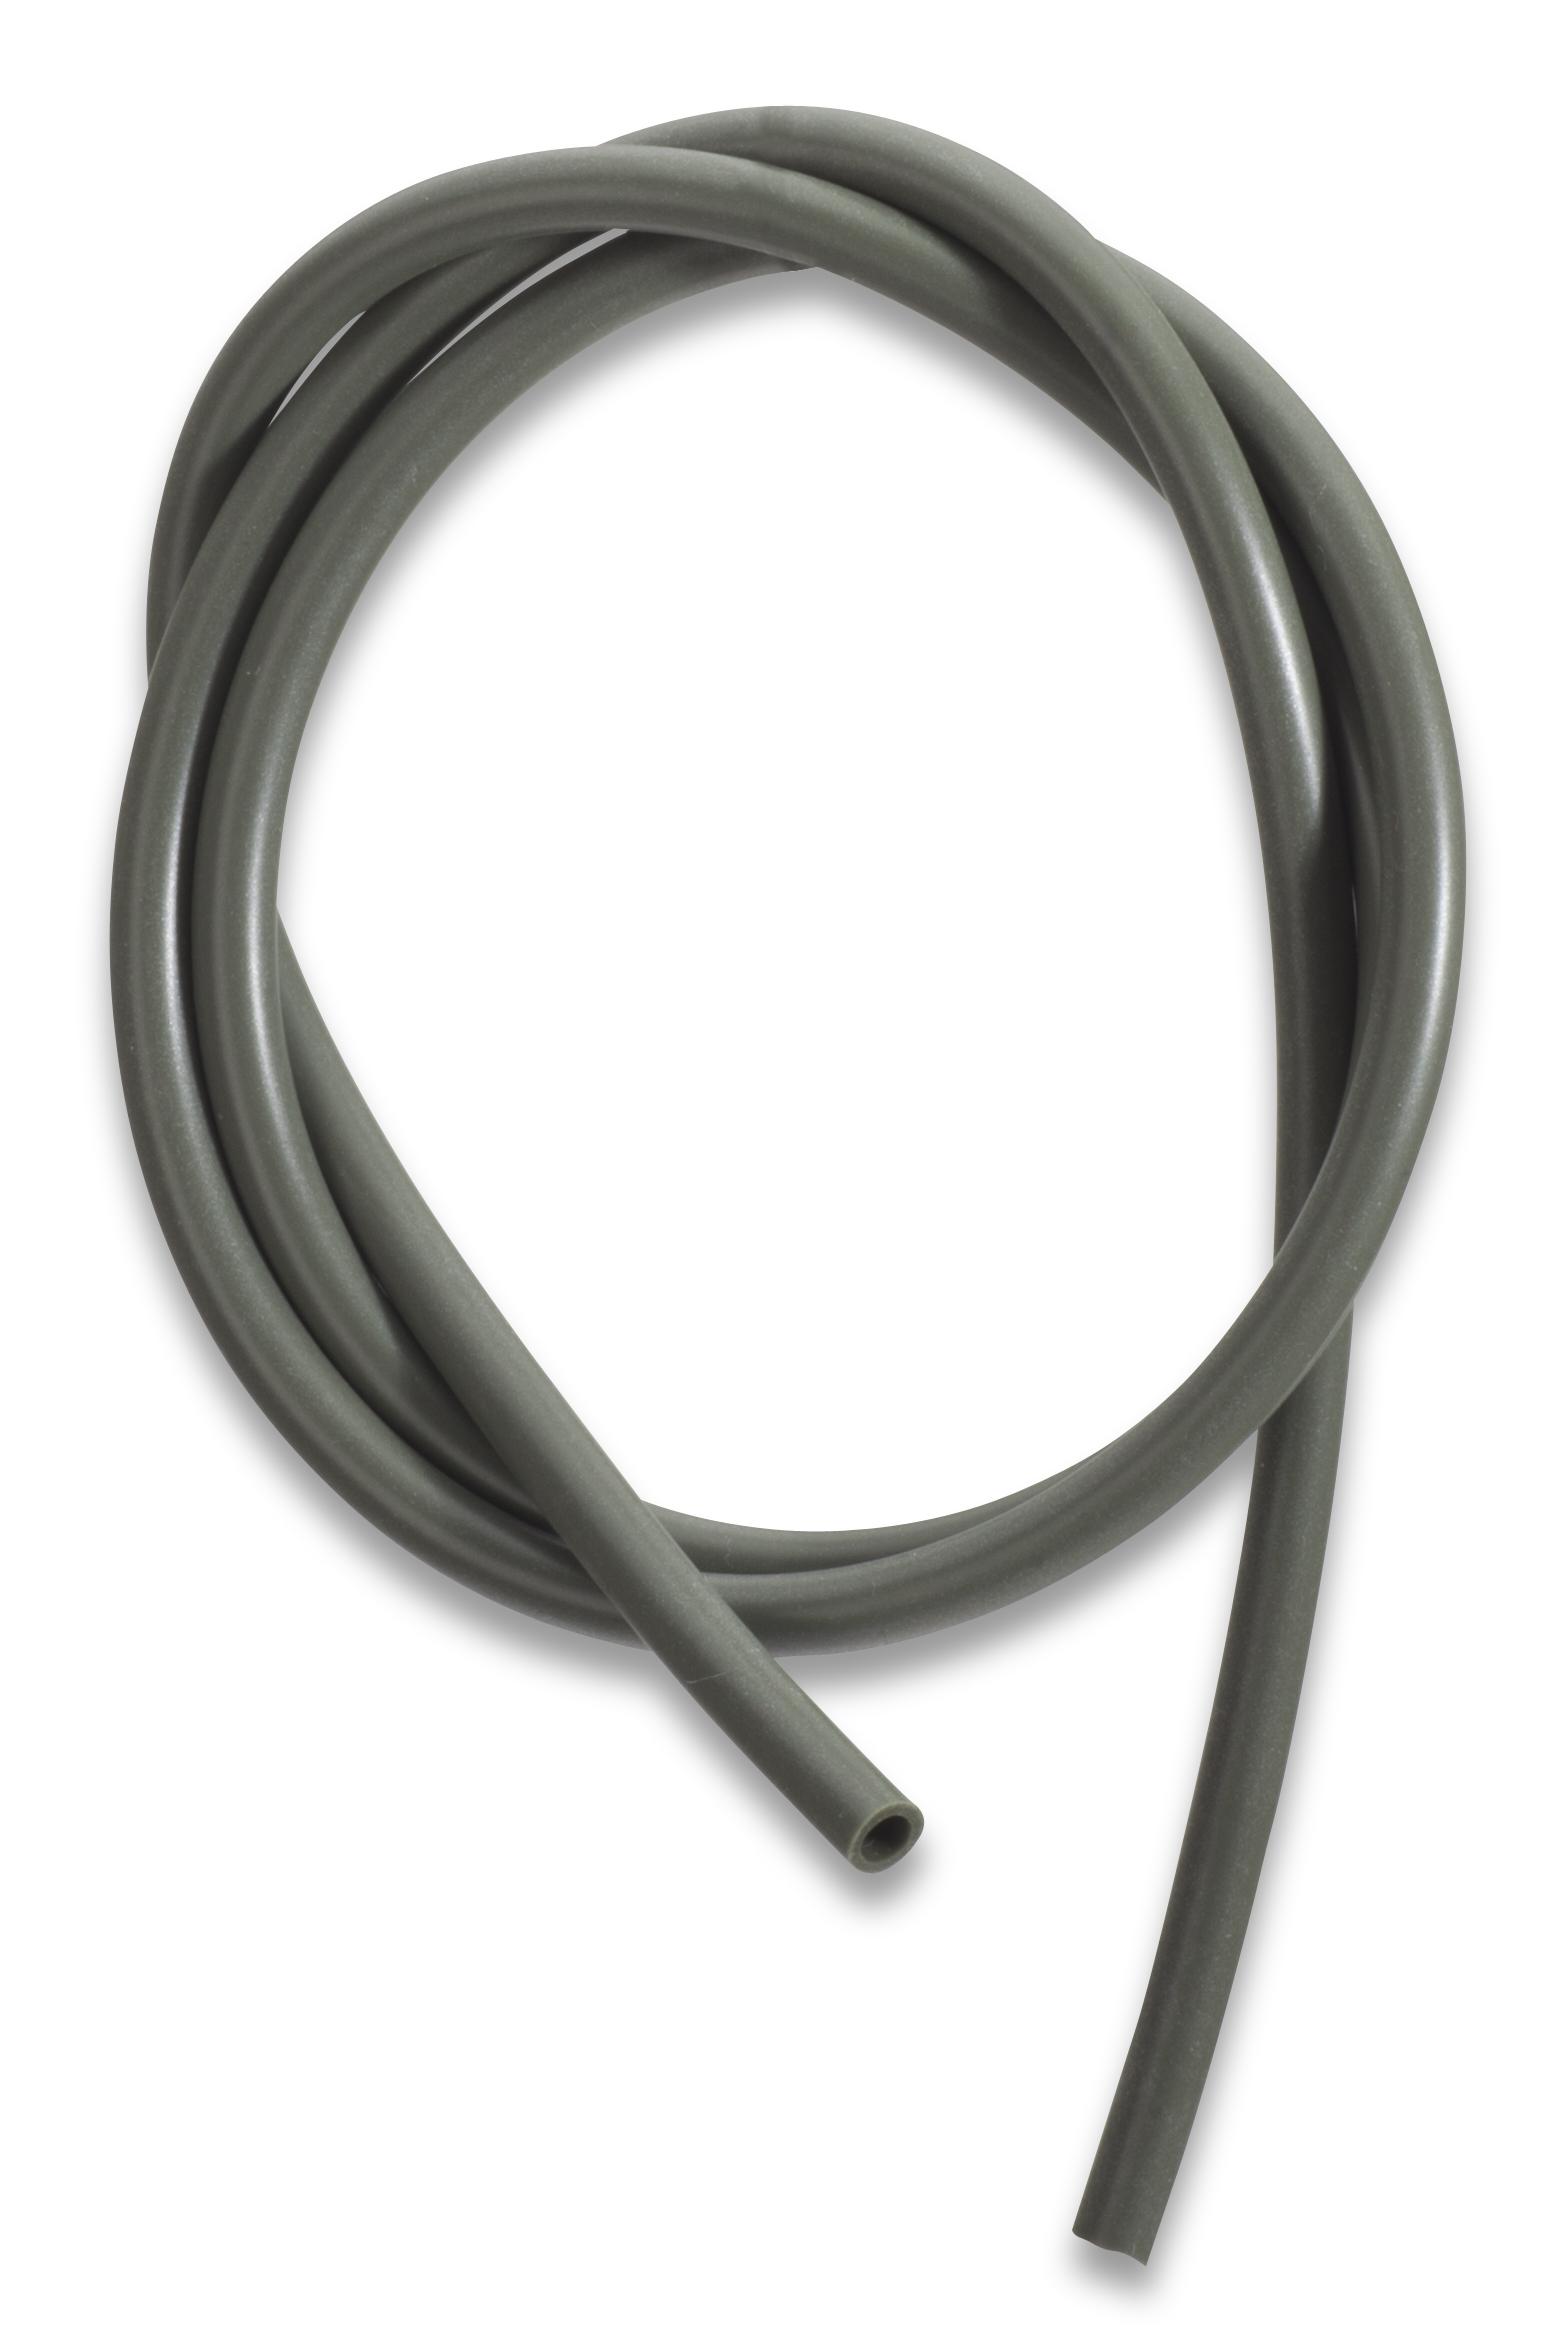 Bungee hadička Uni Cat Bungee Rig Tube Barva tmavě hnědá